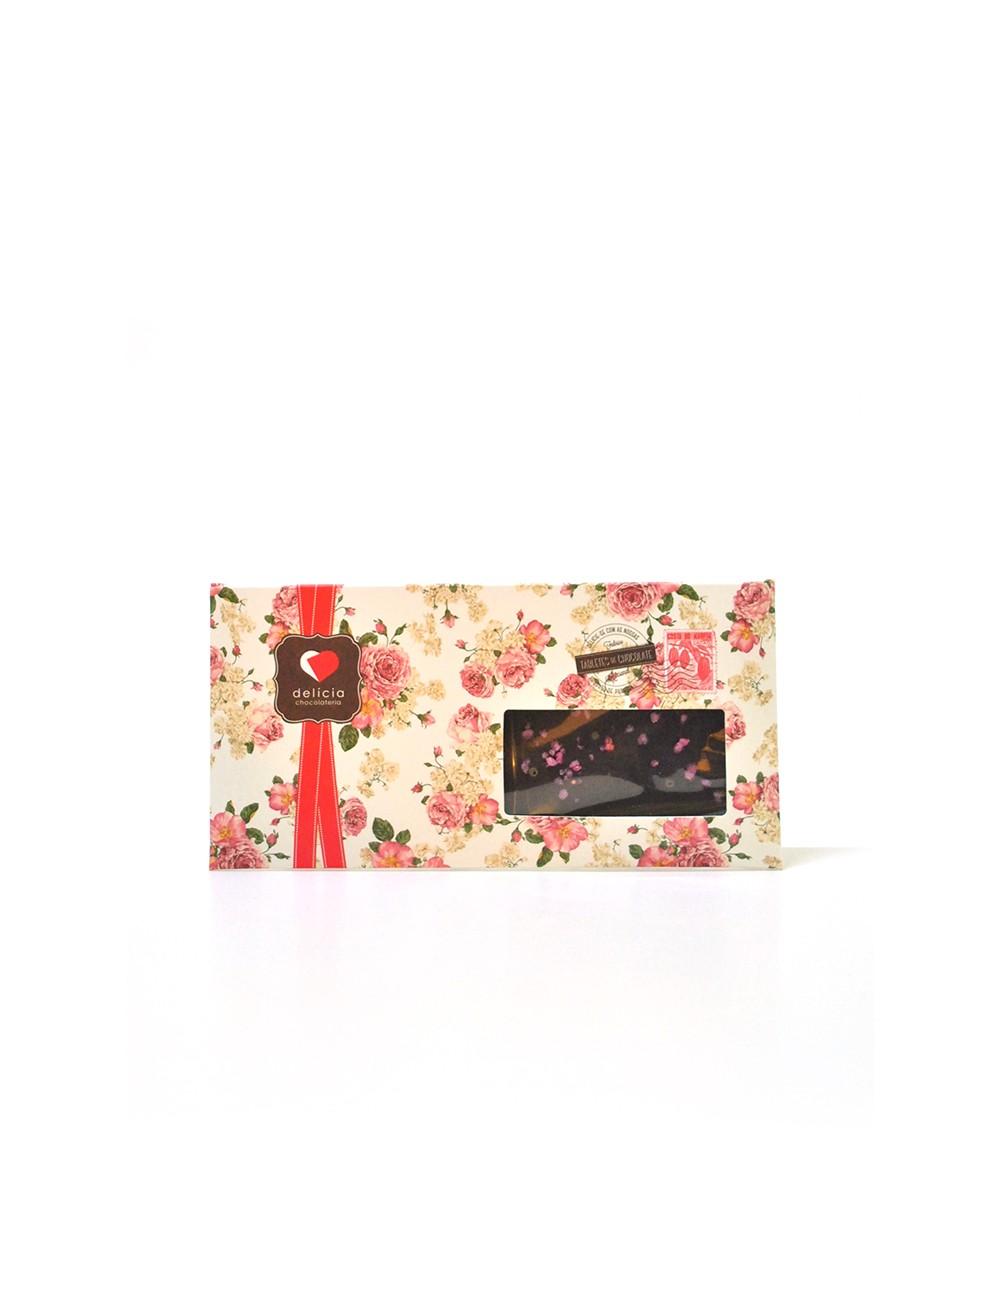 Tablete de Chocolate Negro c/ Rosa Cristalizada